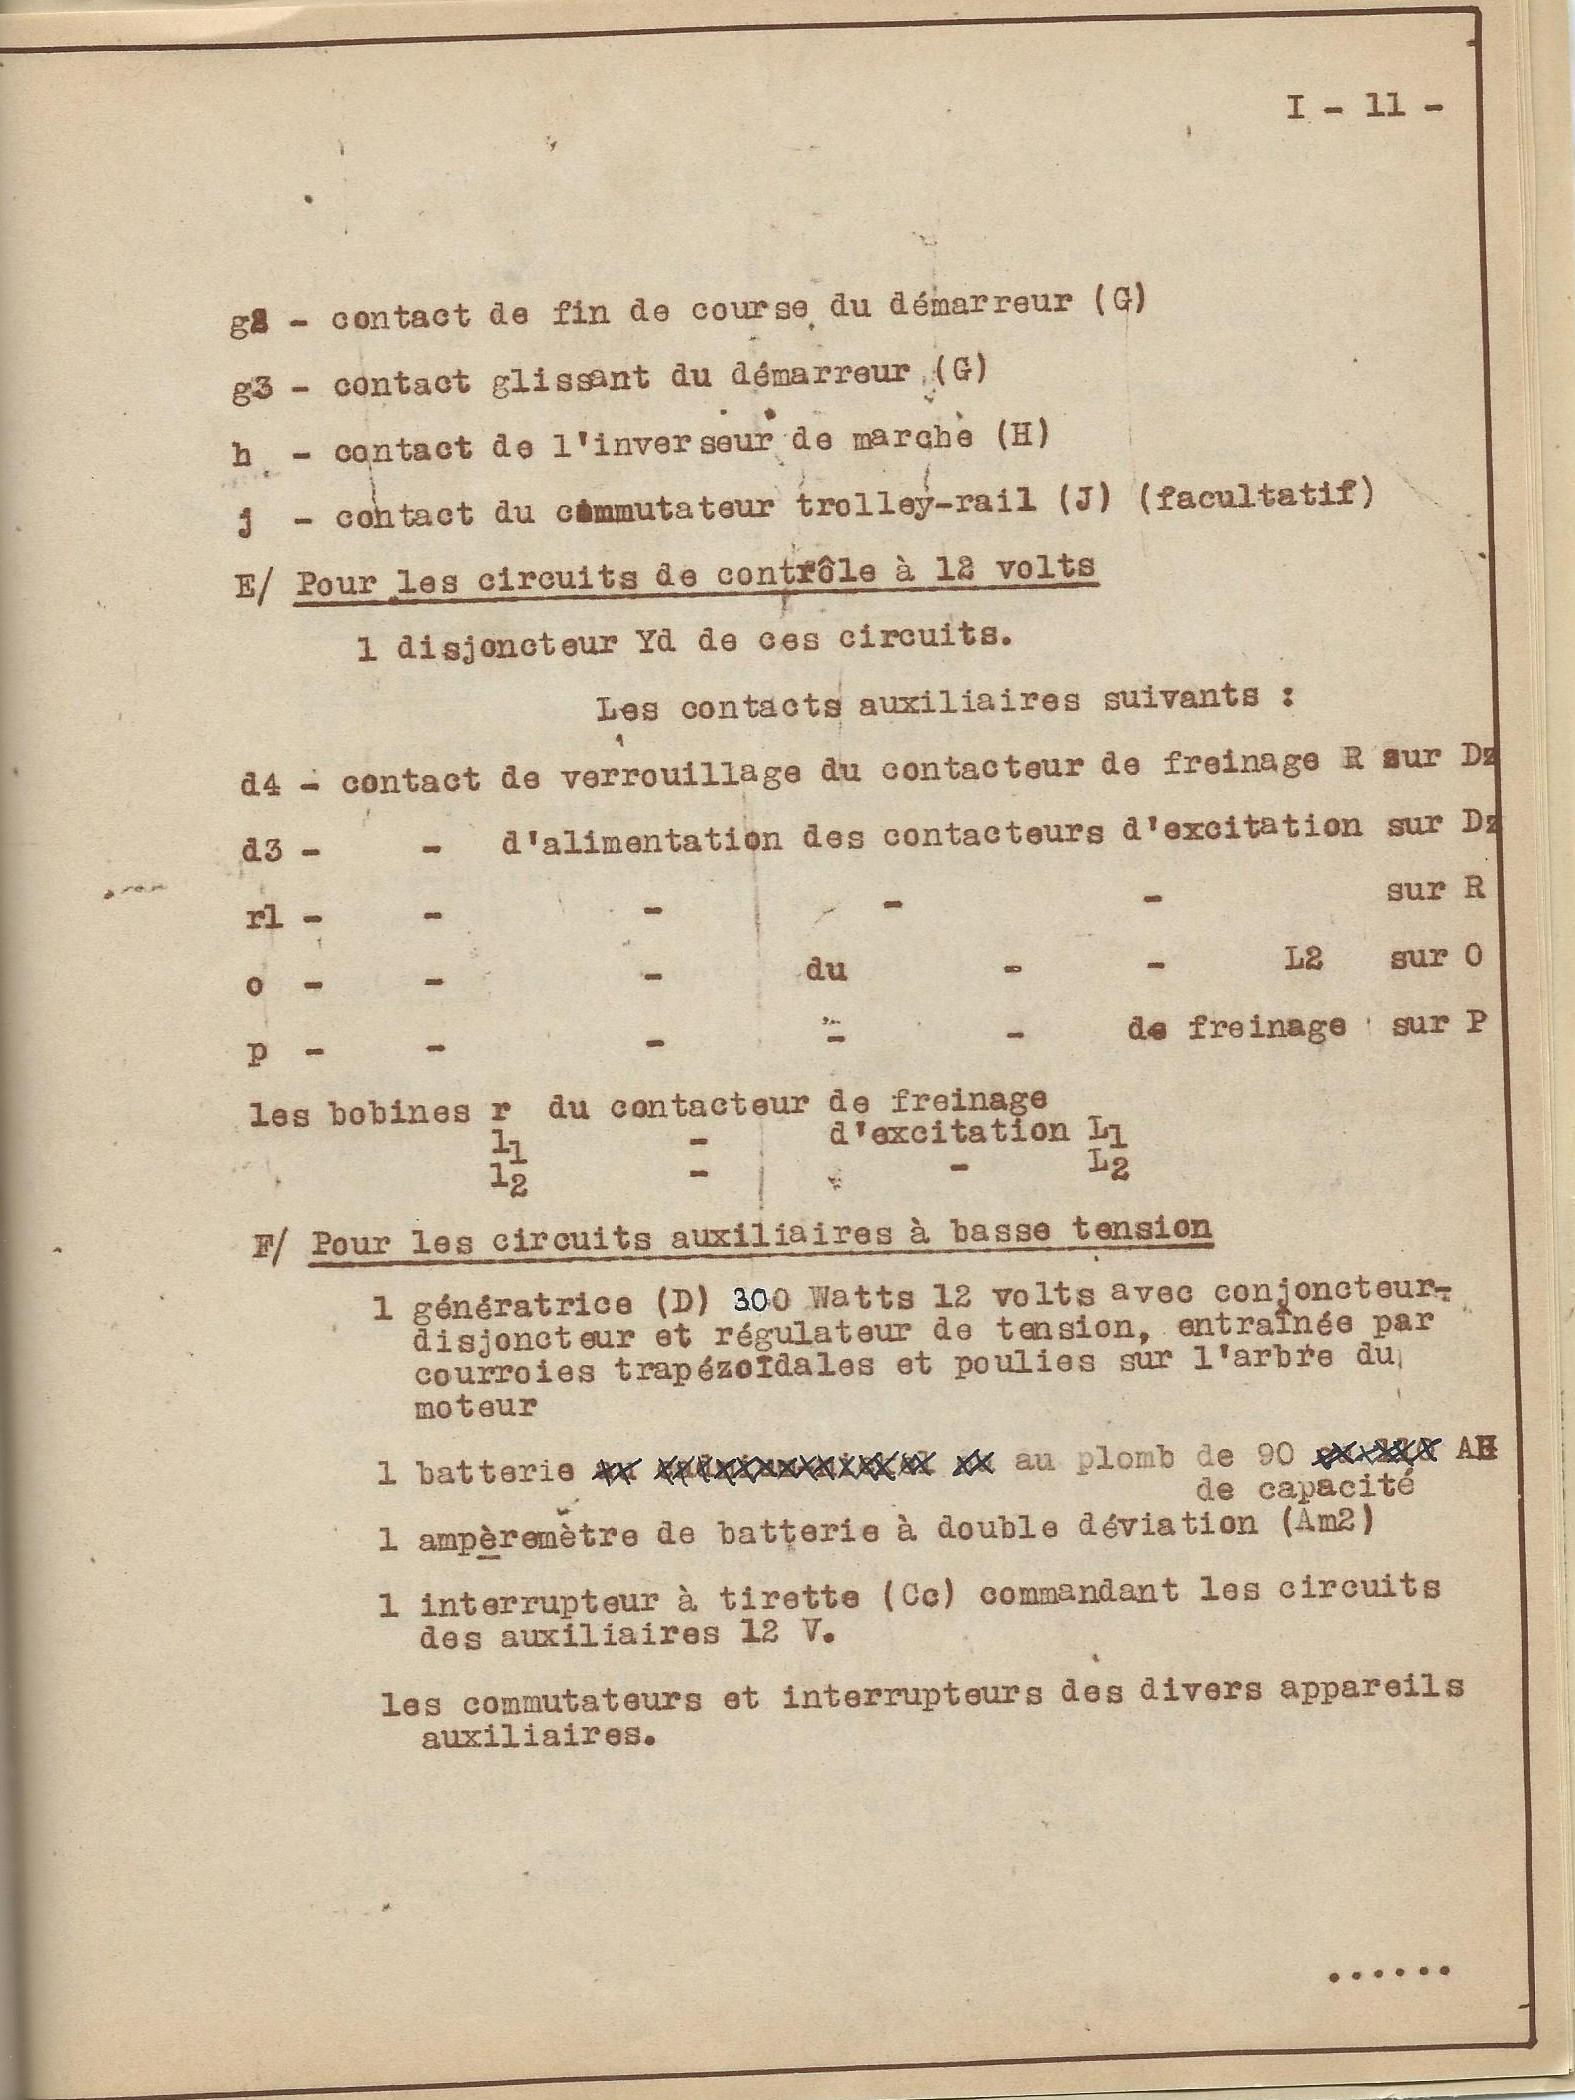 VA3 (11).jpg